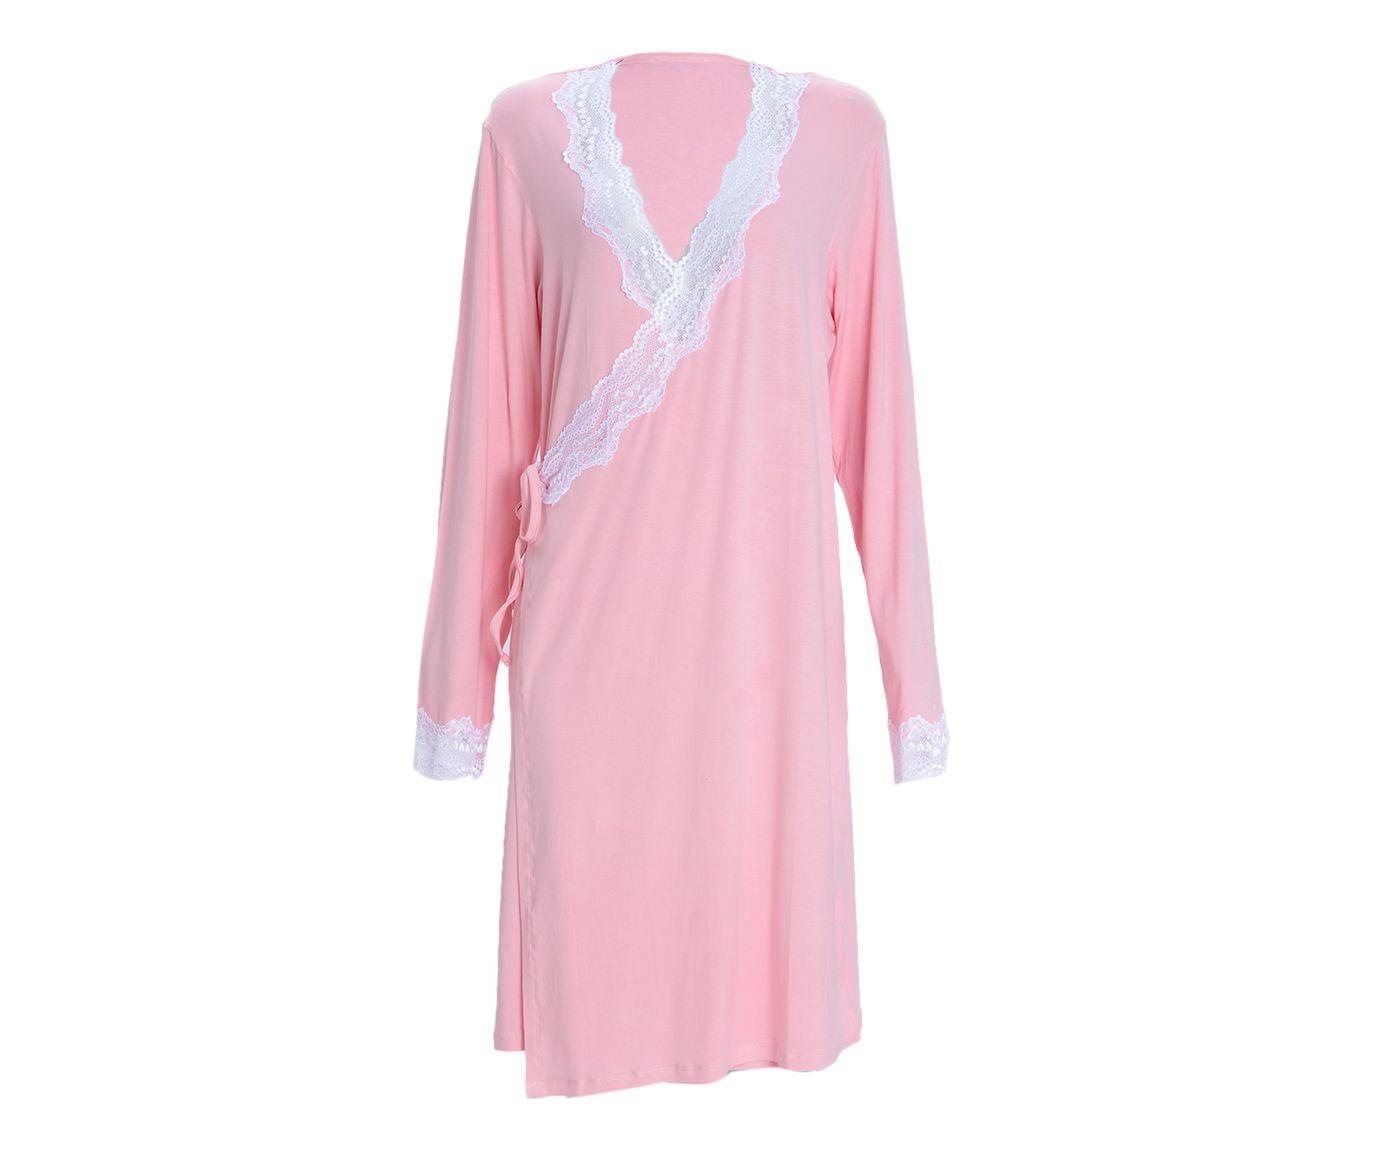 Robe Curto Transpassado Loi Rosa, Tamanho: M | Westwing.com.br